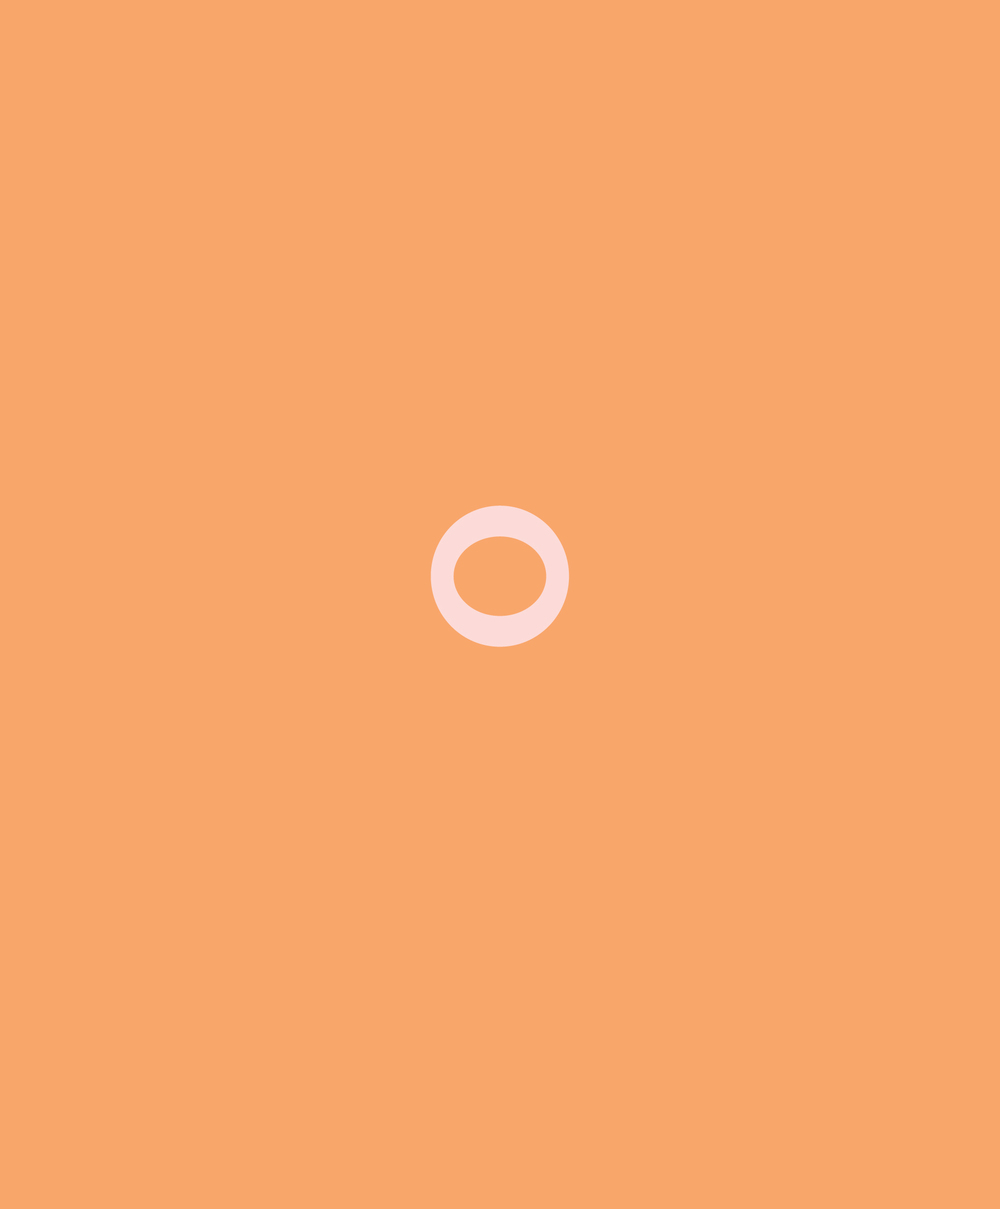 Simple Circle Symbol